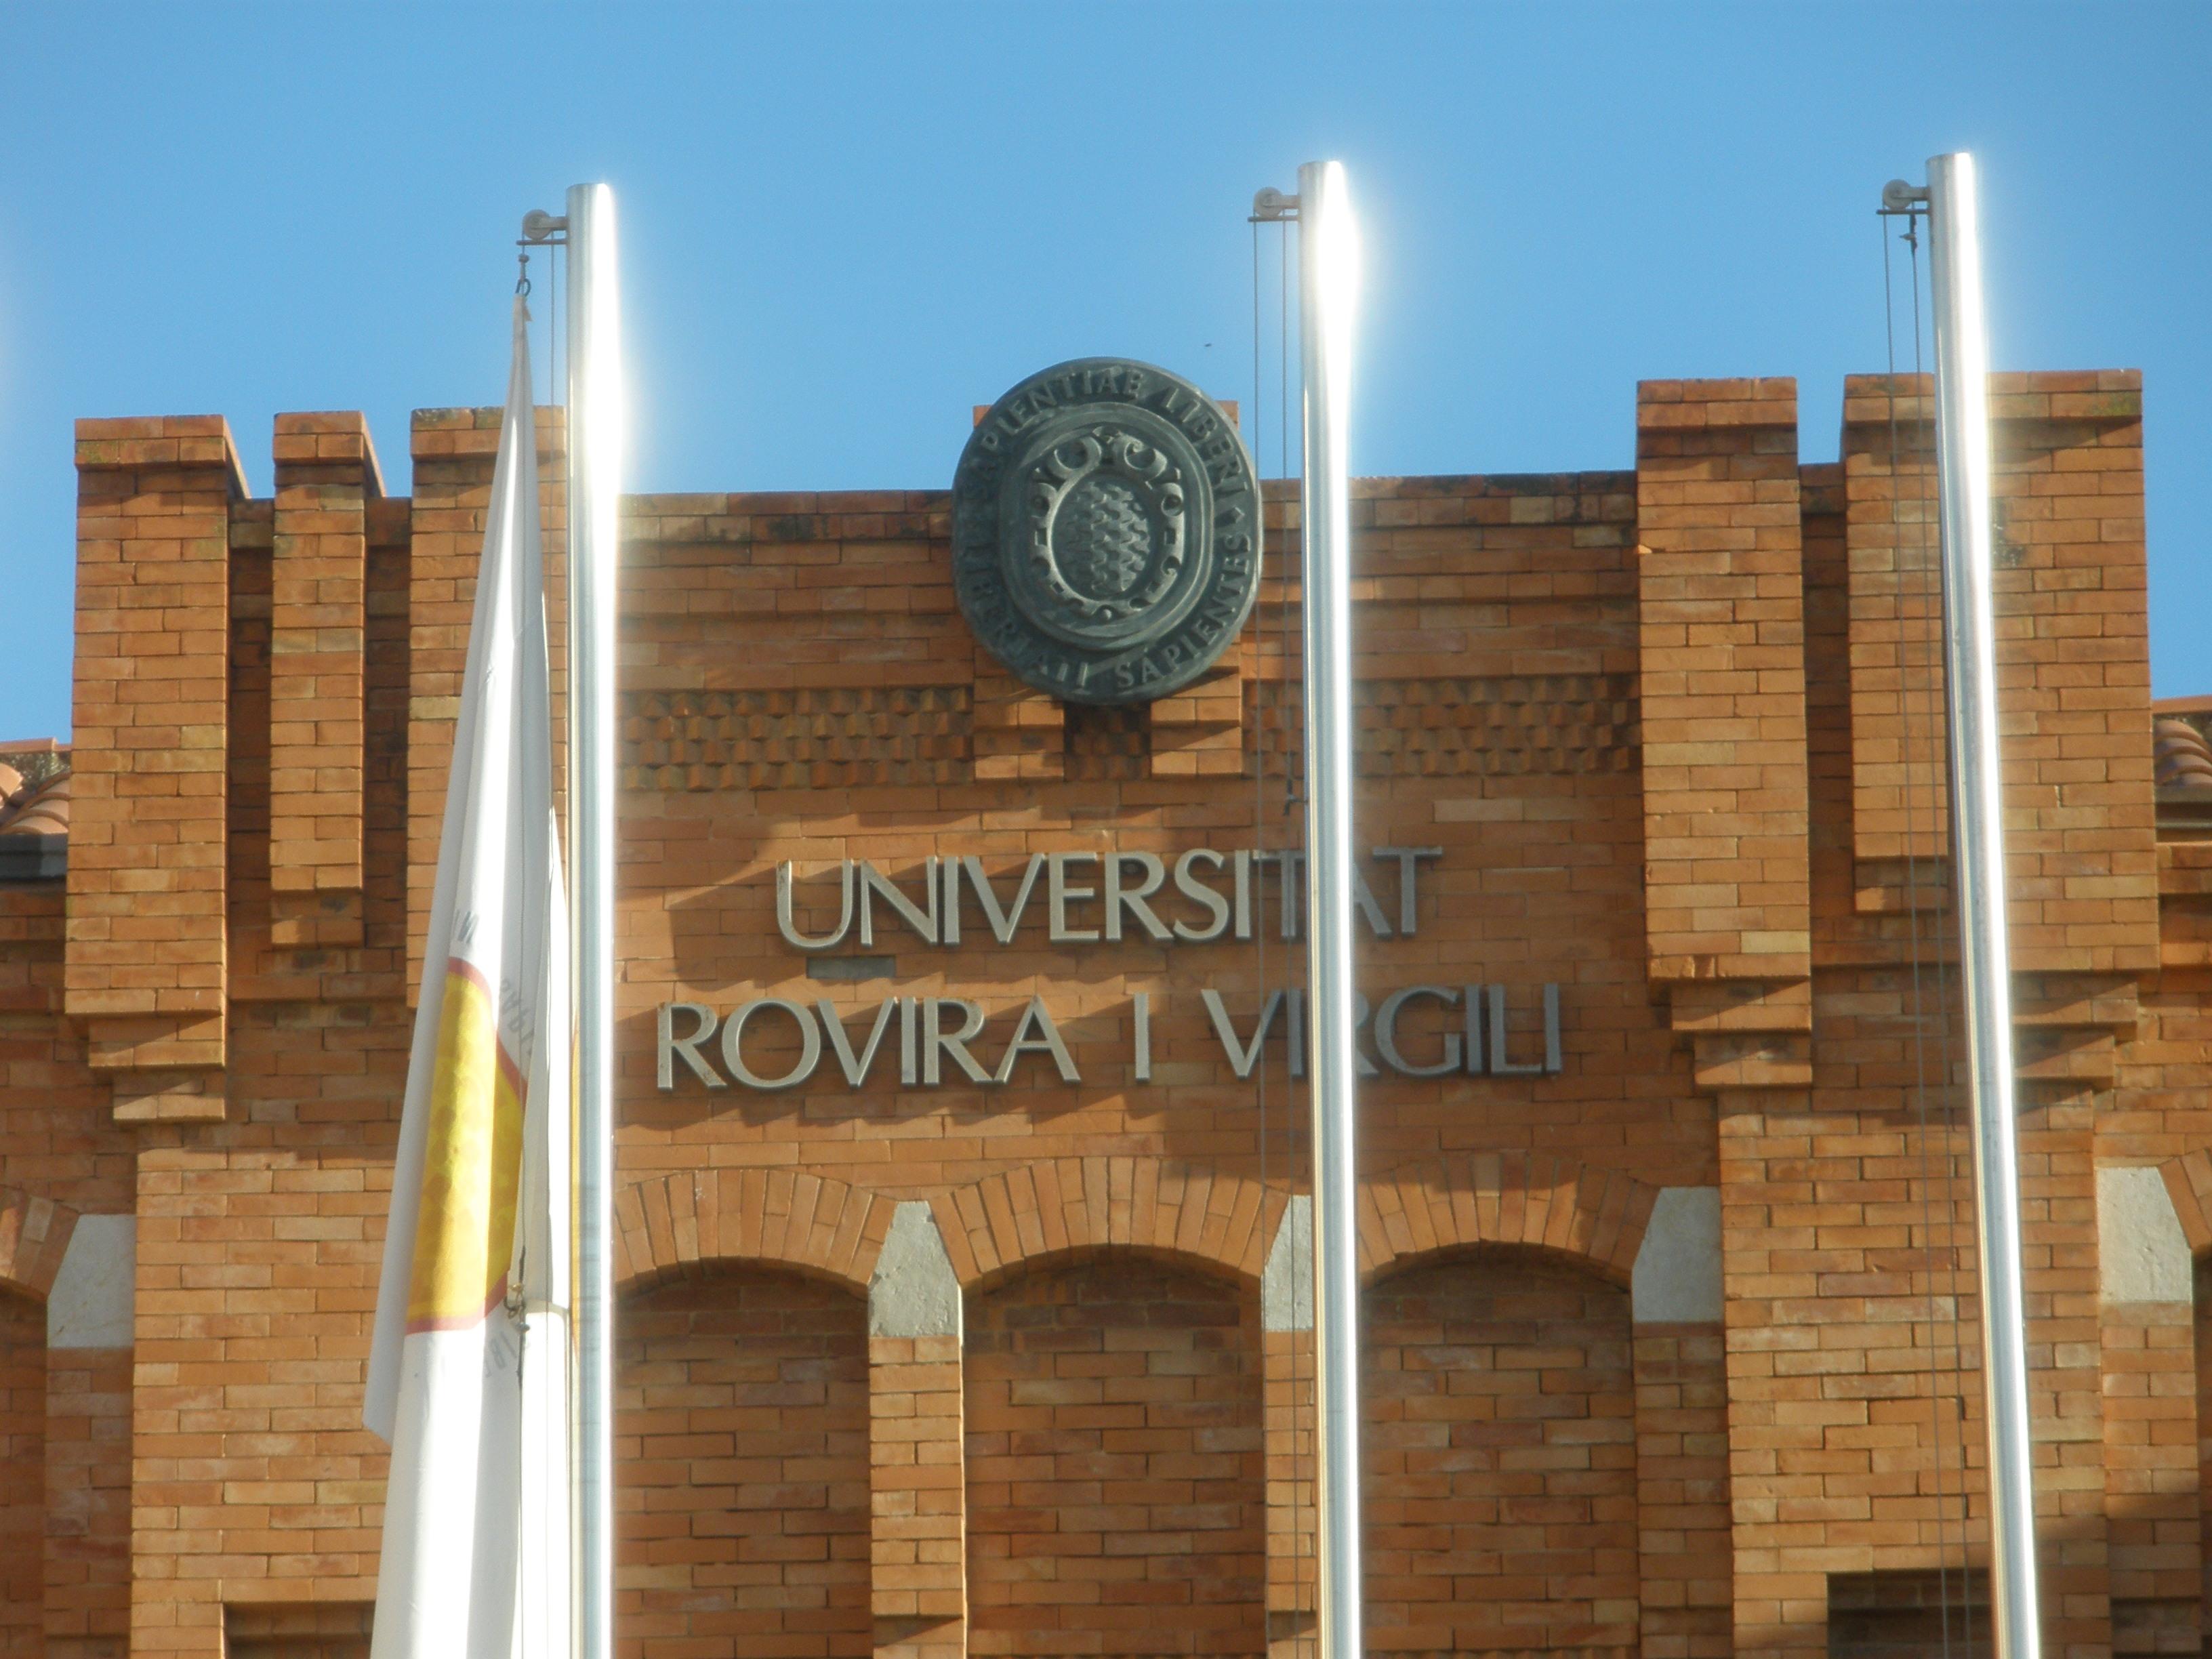 Edifici del Rectorat de la URV, on aquest dijous el Consell de Govern aprovarà el pressupost de 2013